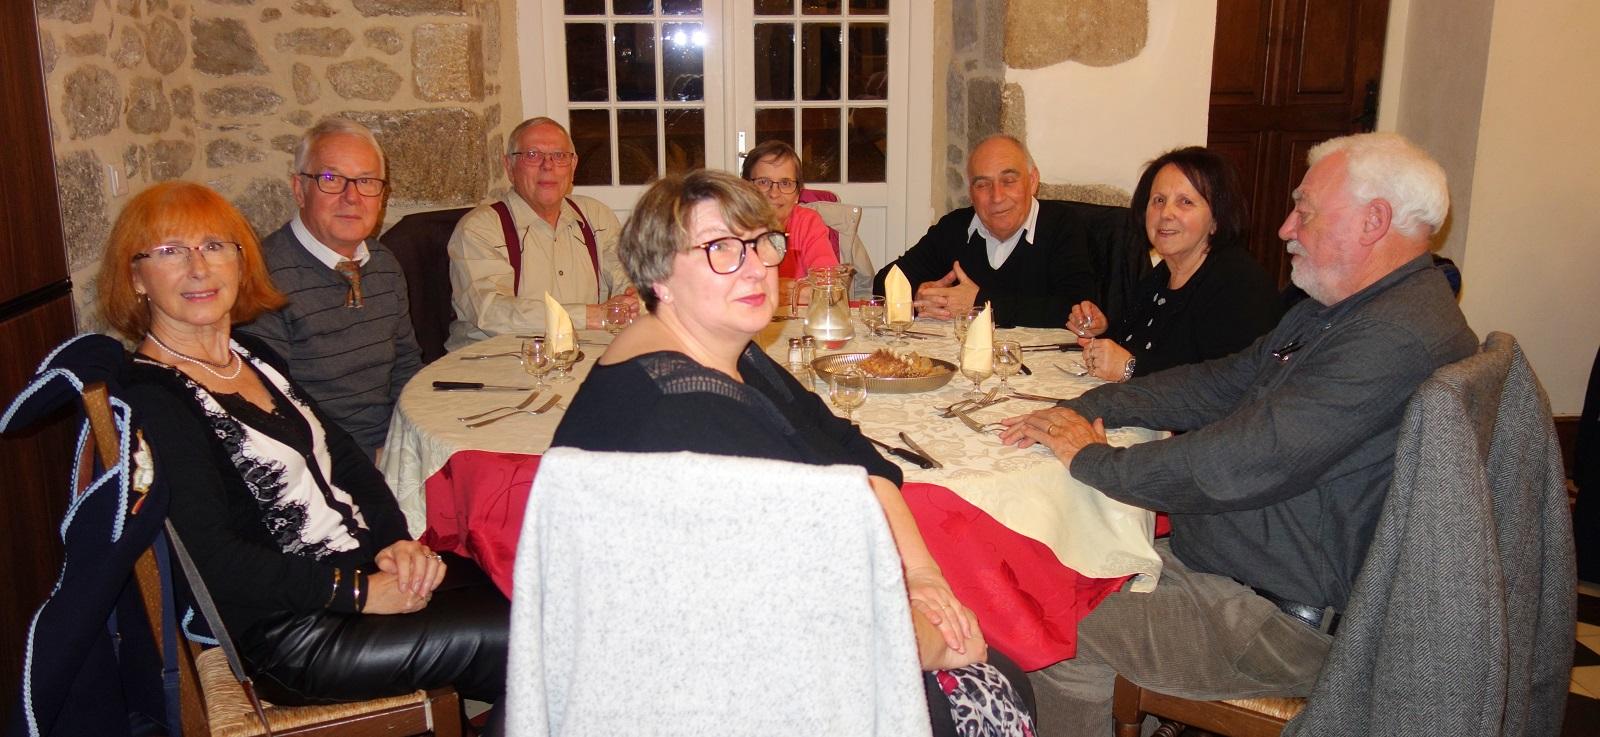 Les arpètes Bretons fêtent la Saint Eloi 35